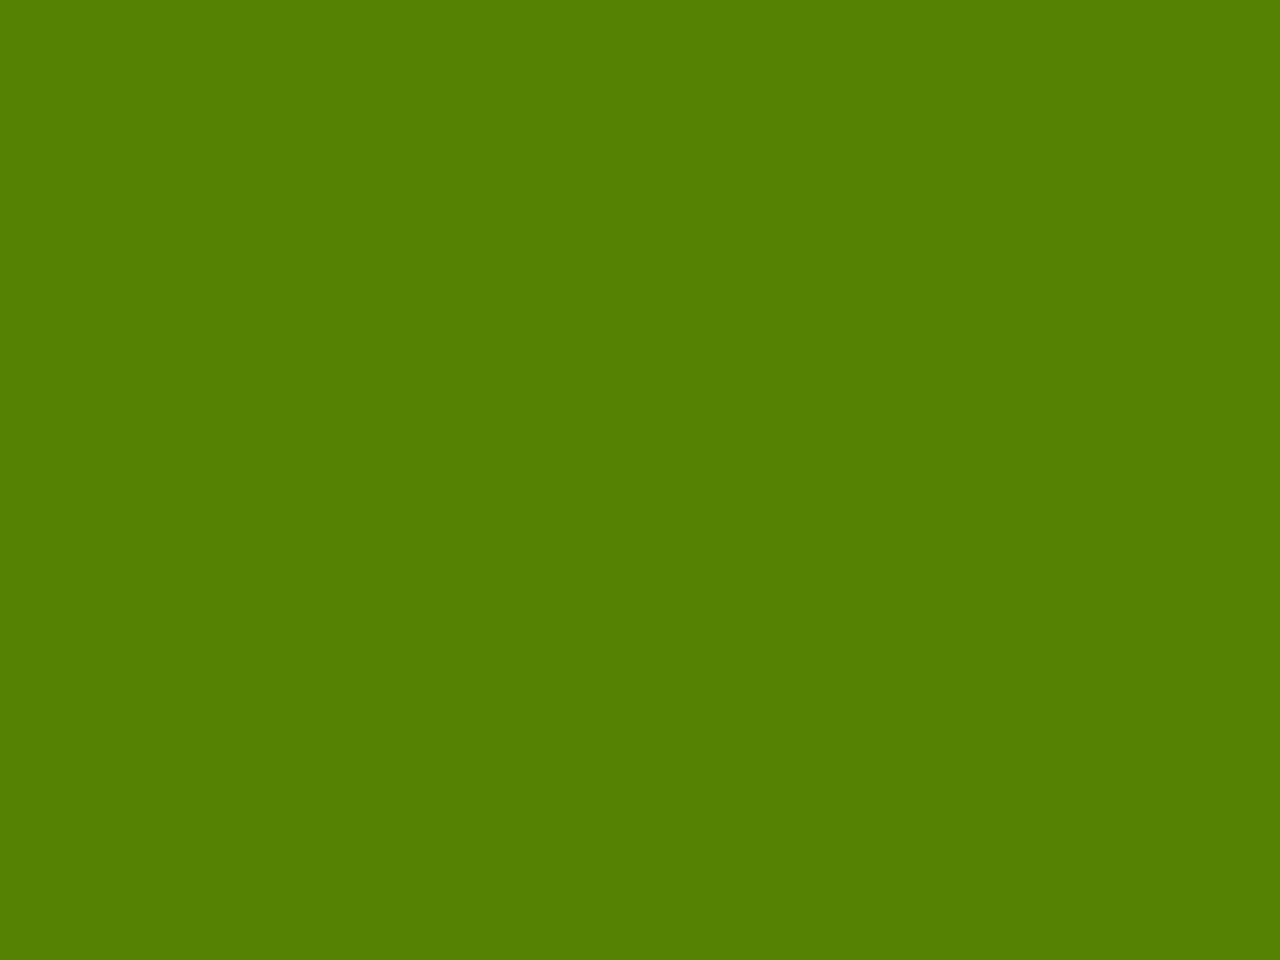 1280x960 Avocado Solid Color Background